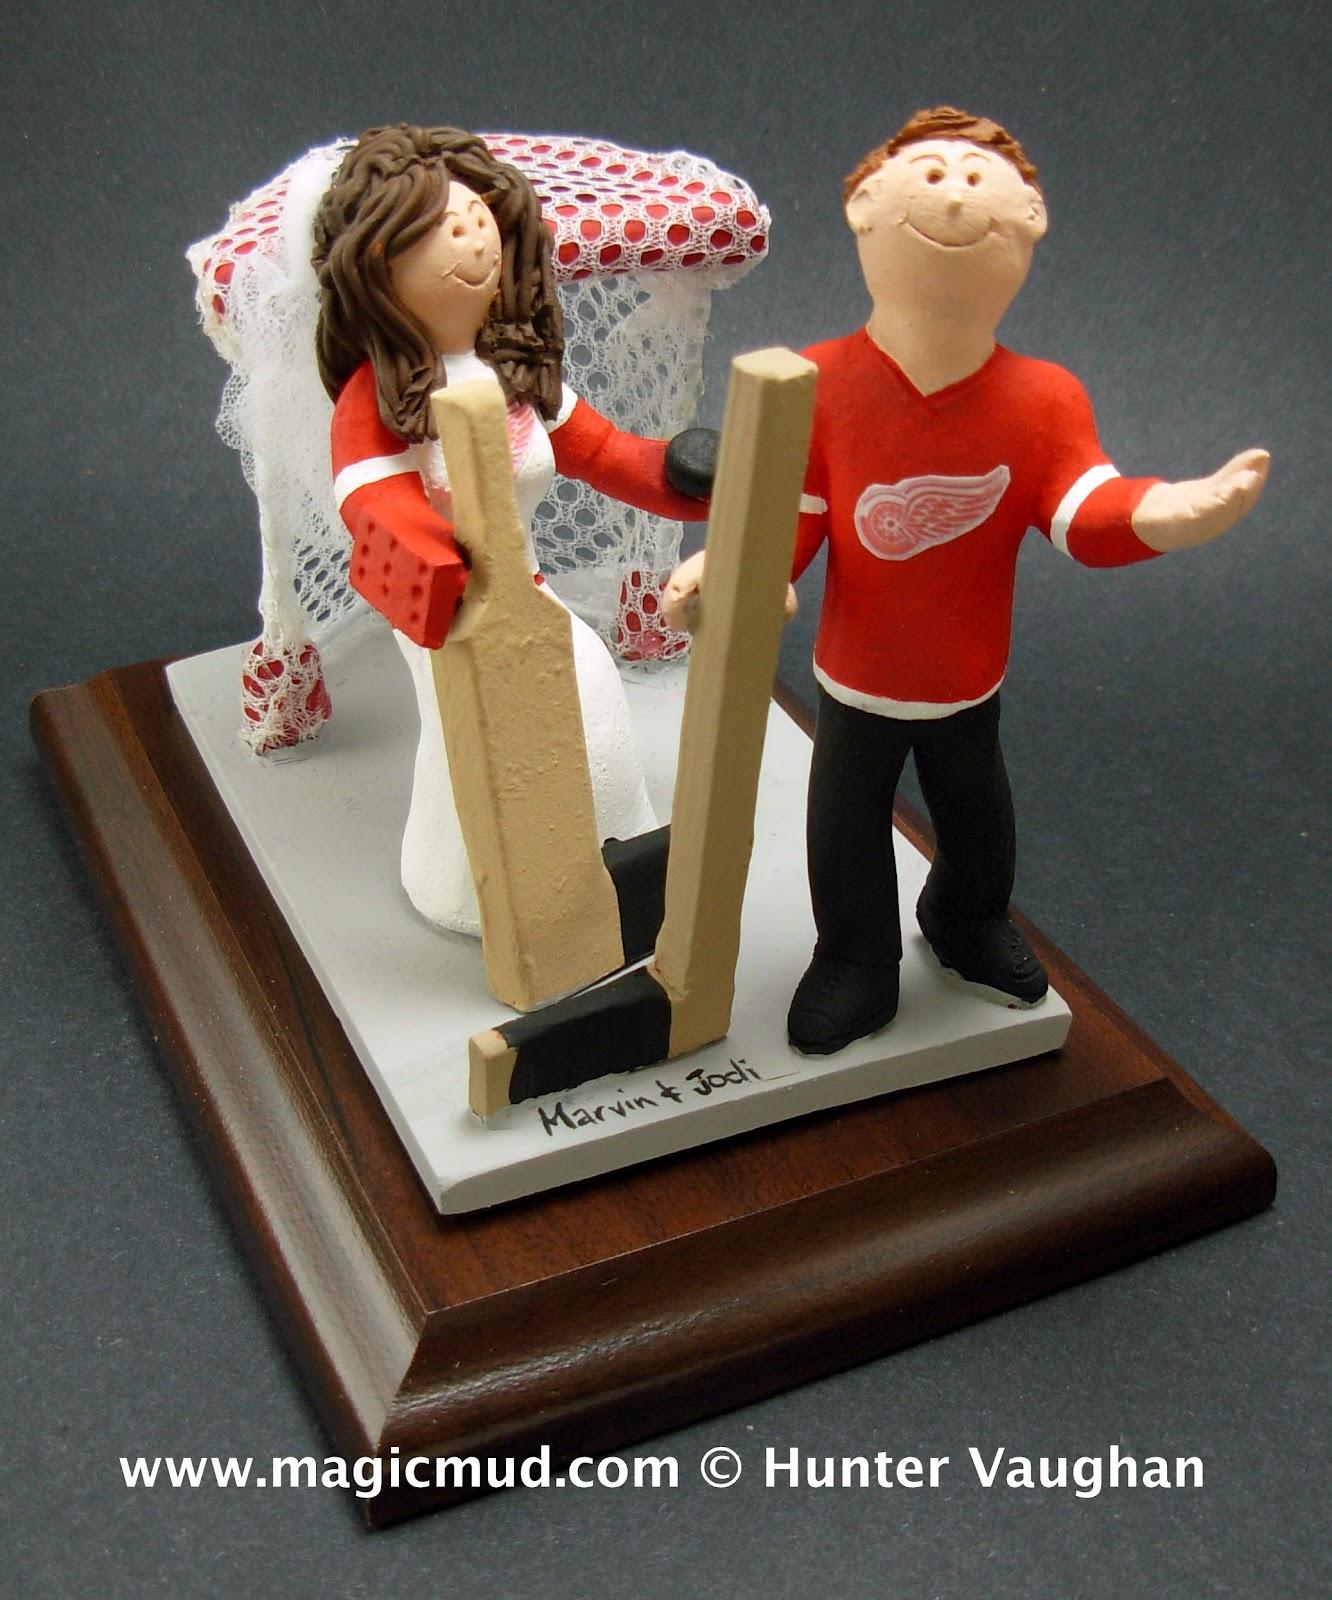 Hockey Goalie Bride Wedding Cake Topper Custom Wedding Cake Toppers